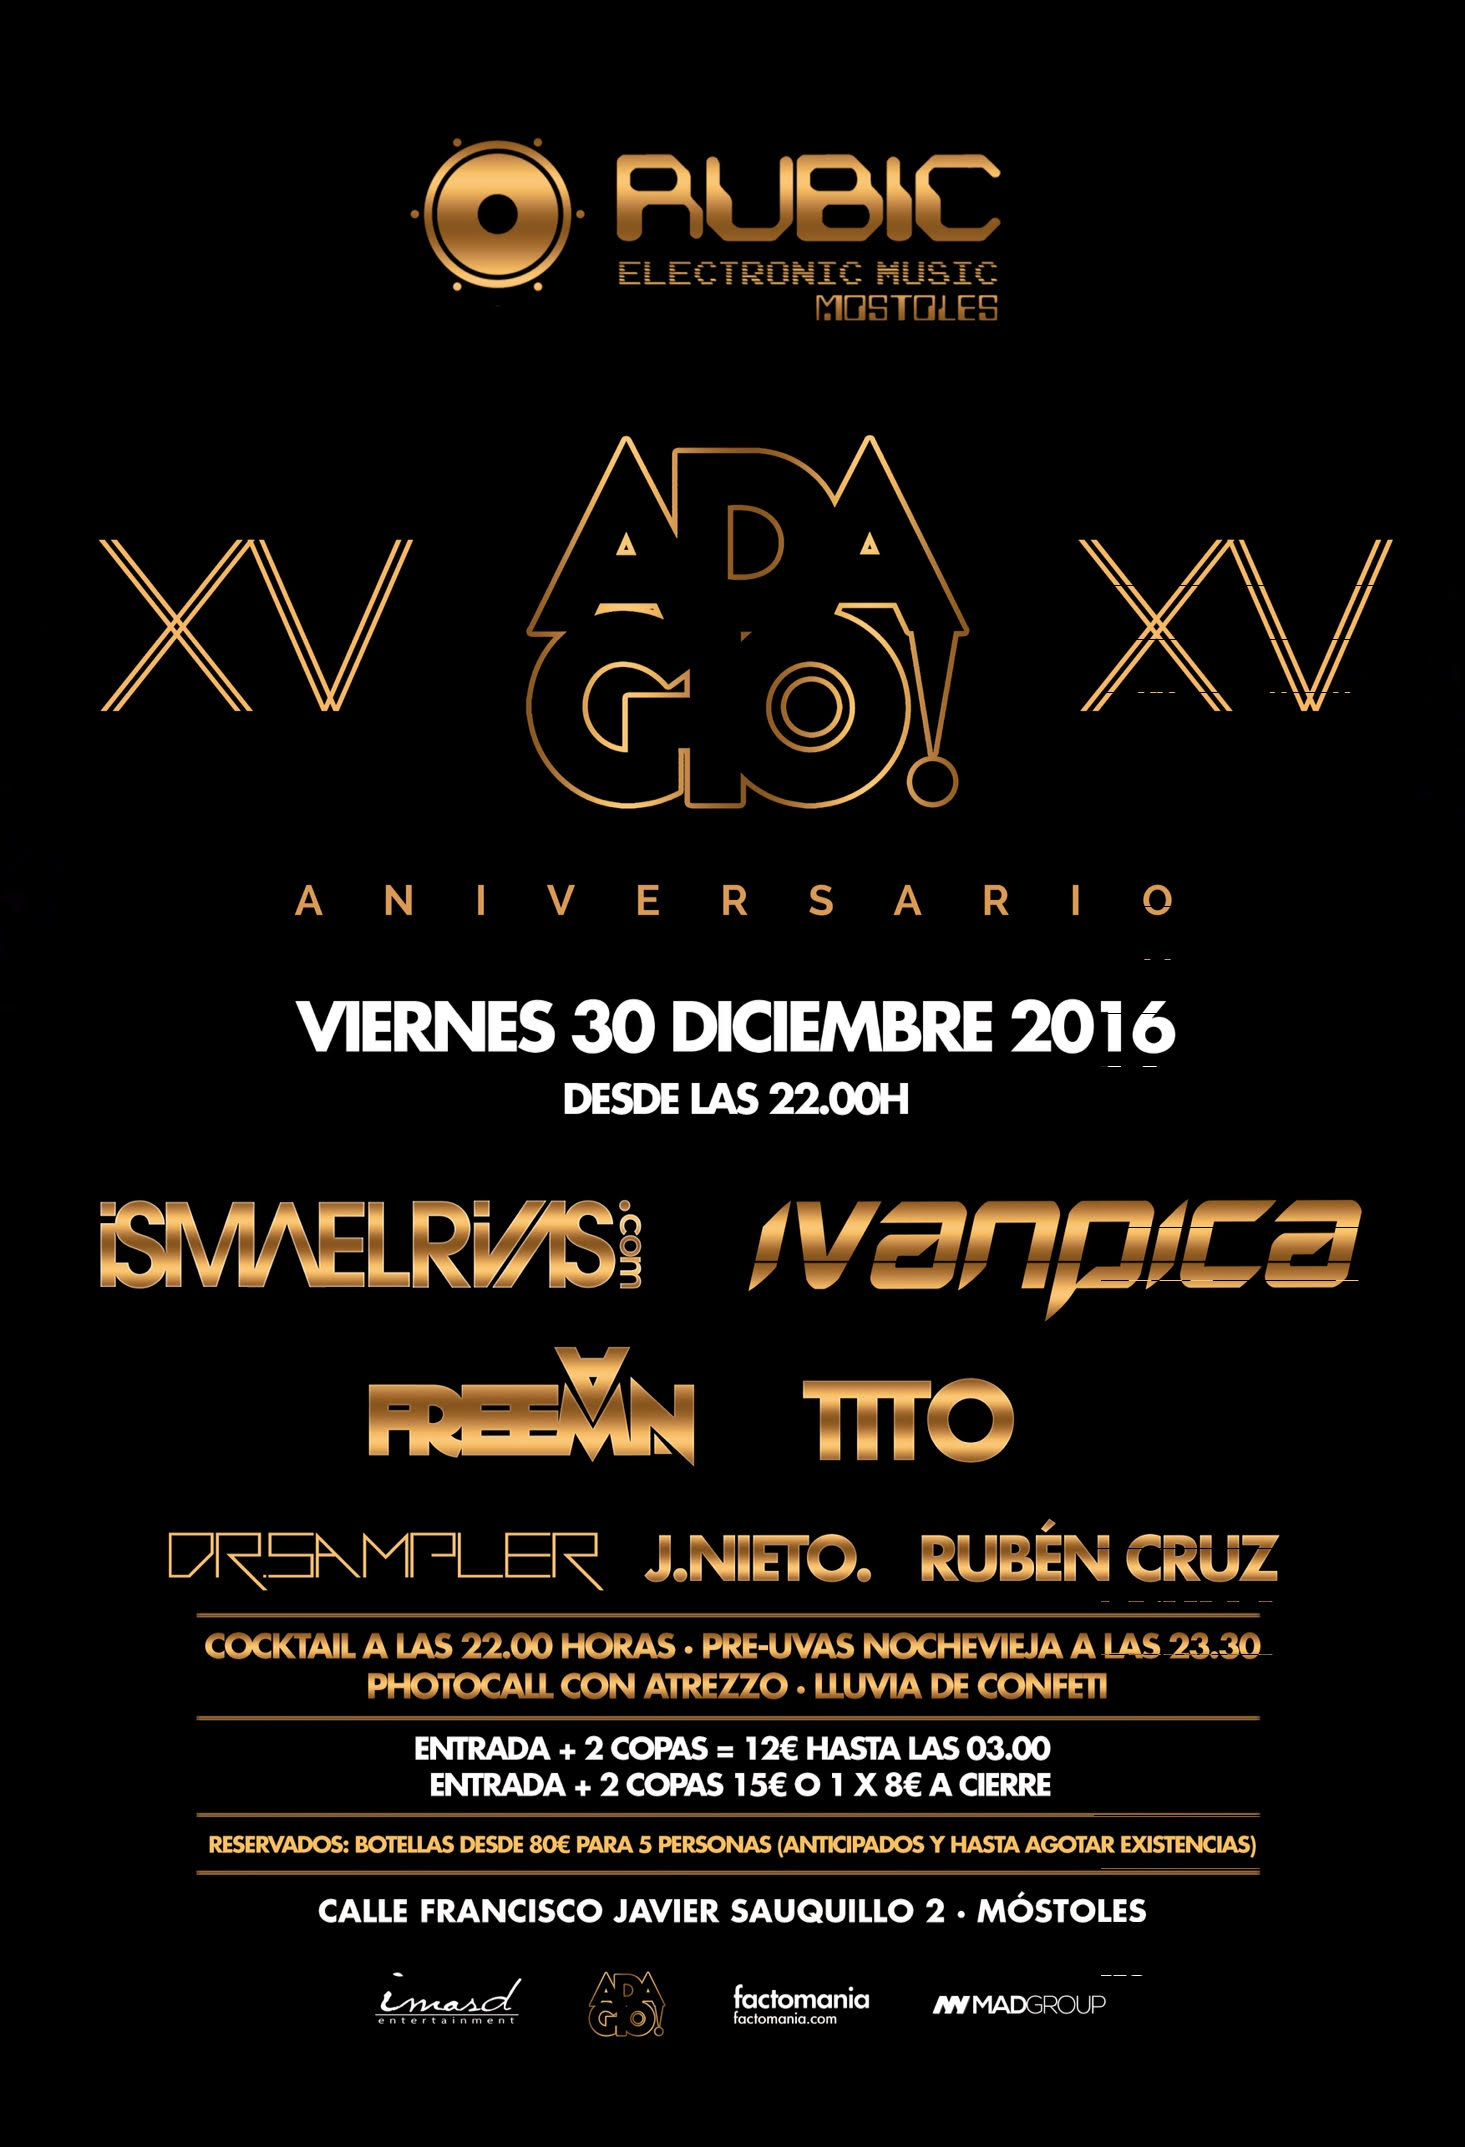 Adagio Madrid 15 Aniversario_nrfmagazine